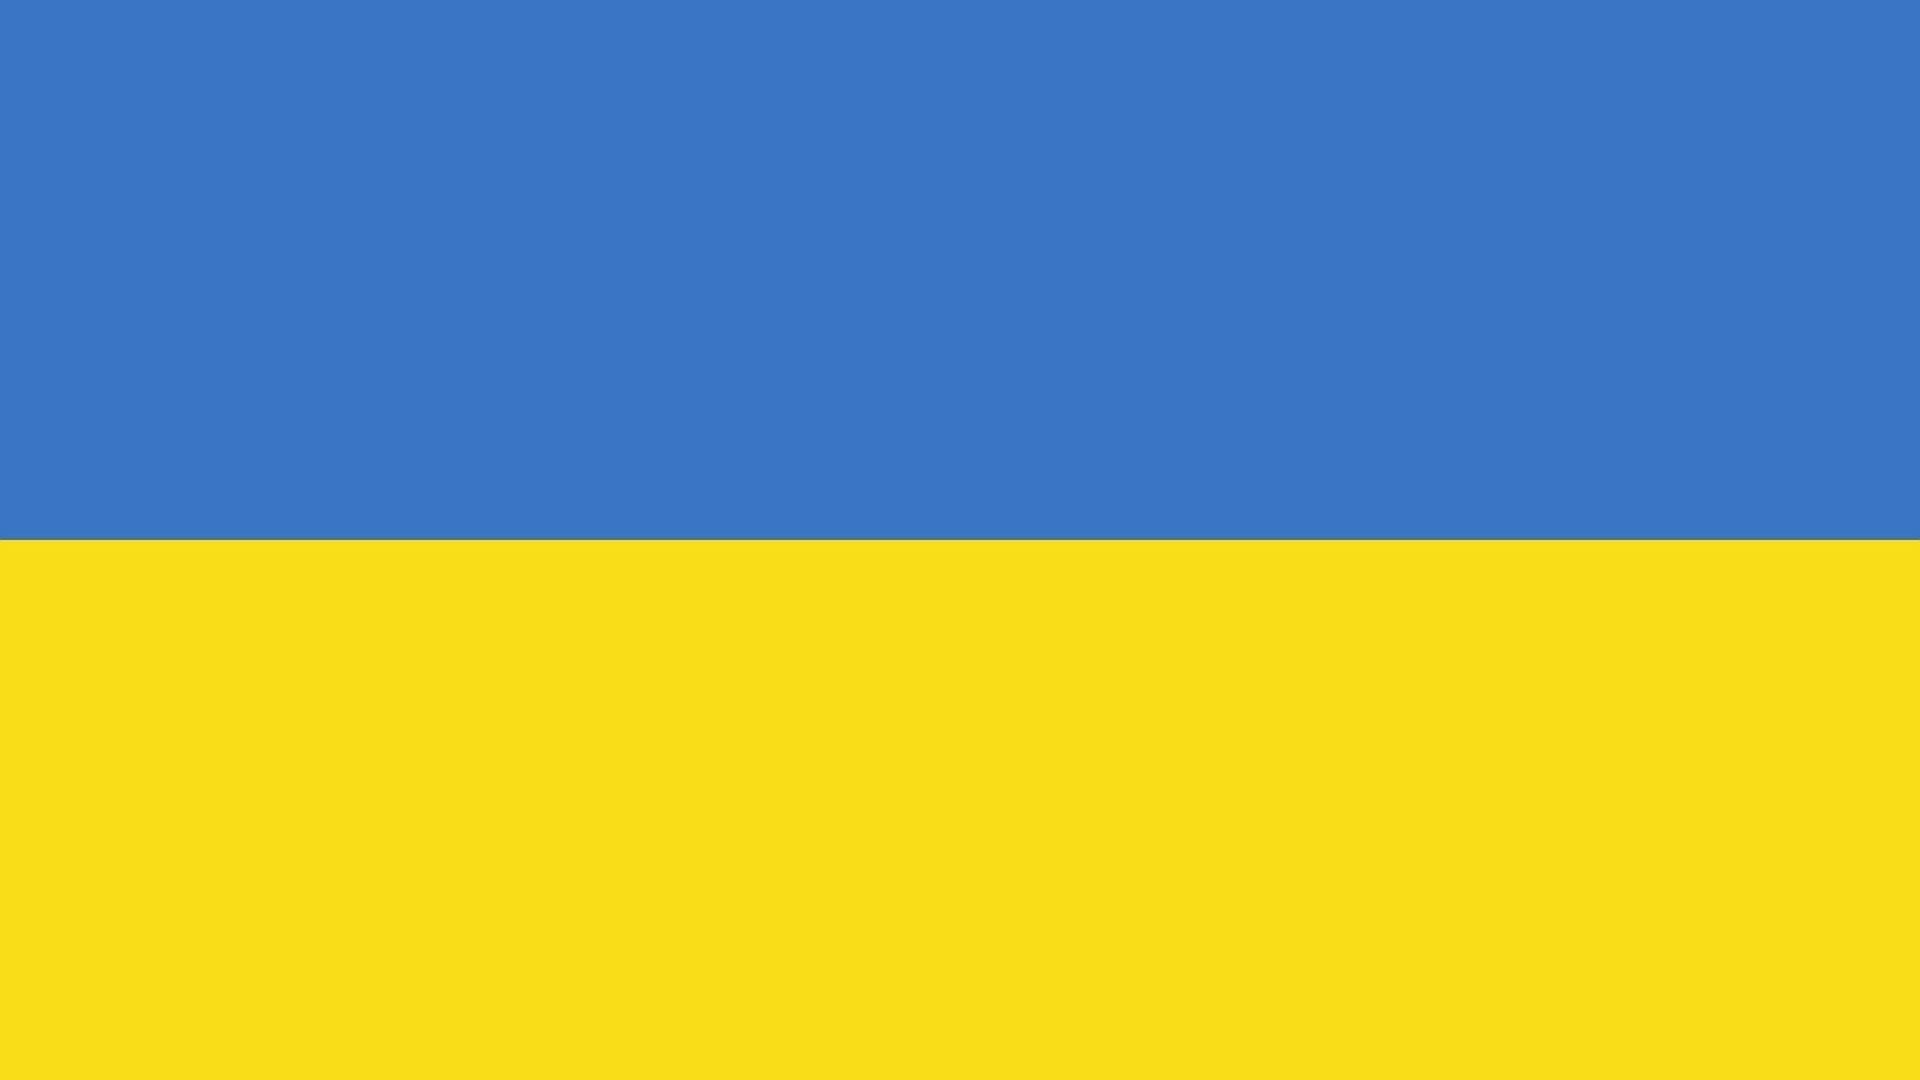 Flug in die Ukraine